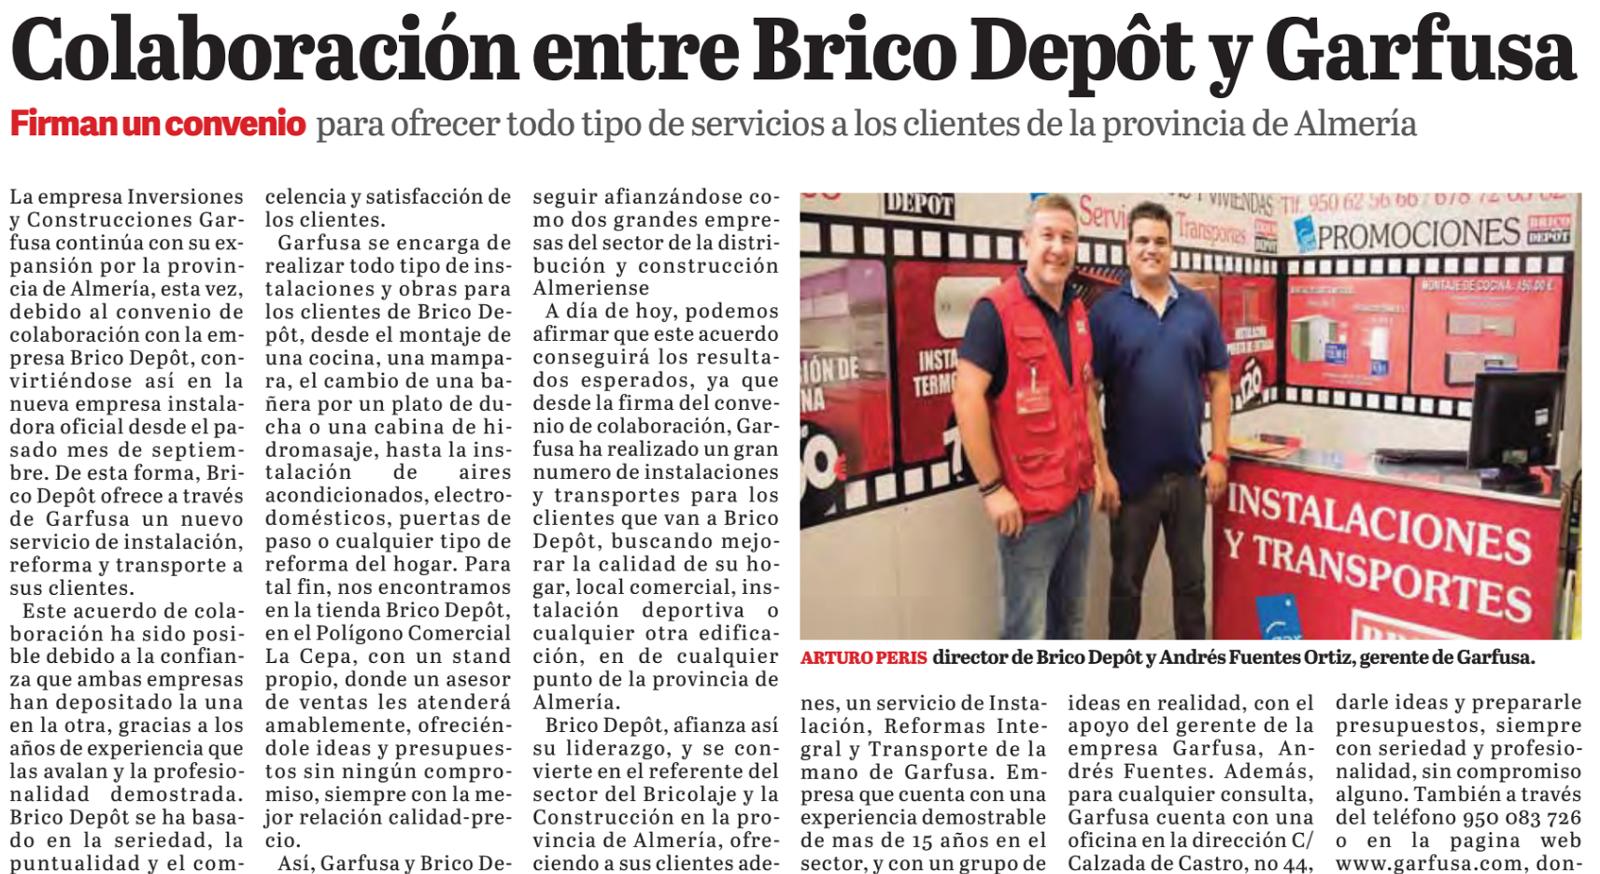 Colaboración entre Brico Depôt y Garfusa